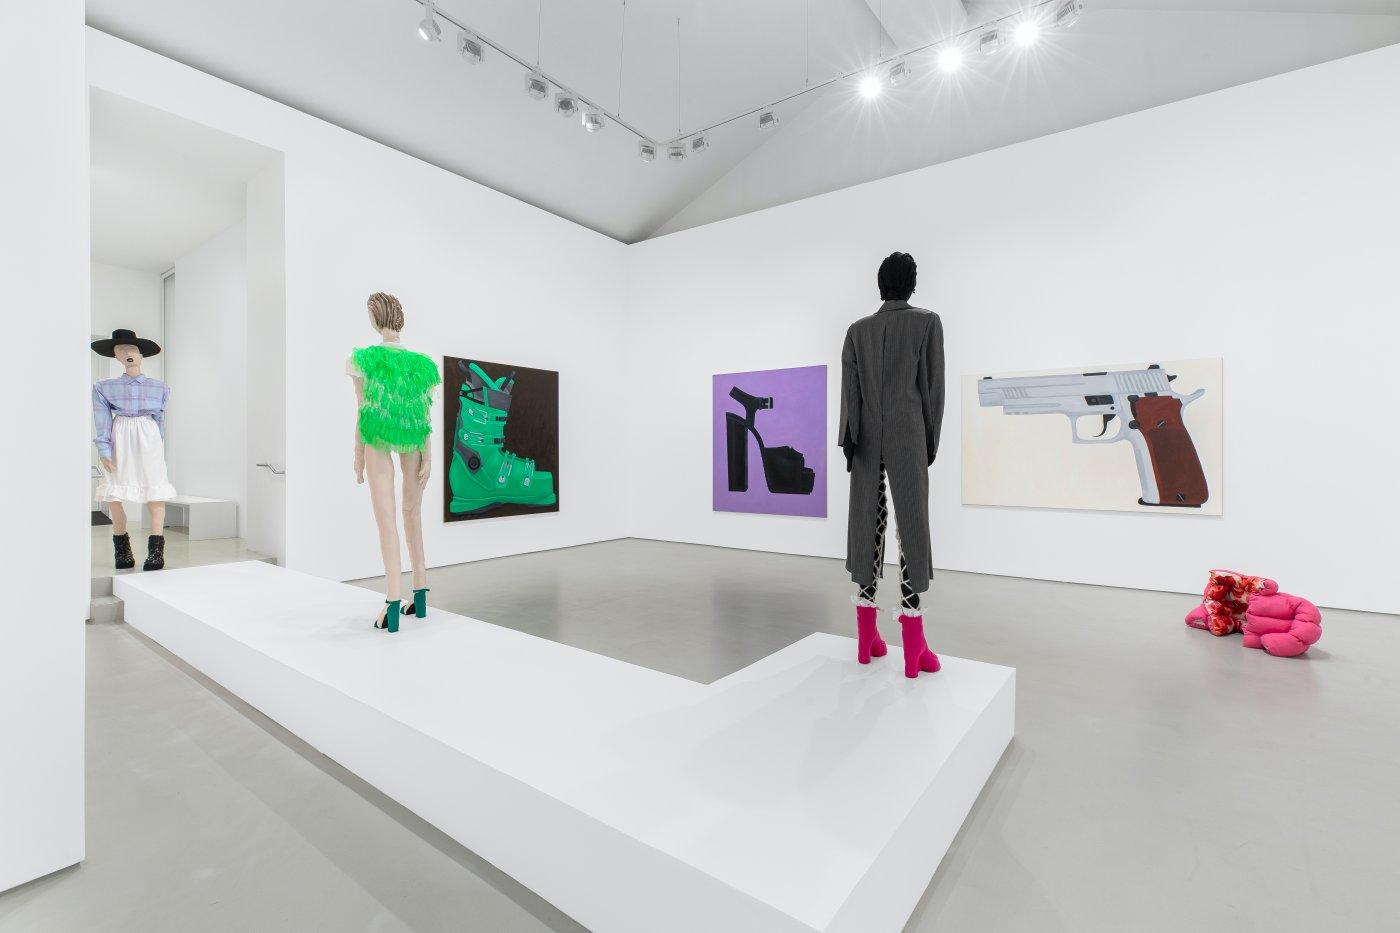 Galerie Max Hetzler Paris Raphaela Simon 5